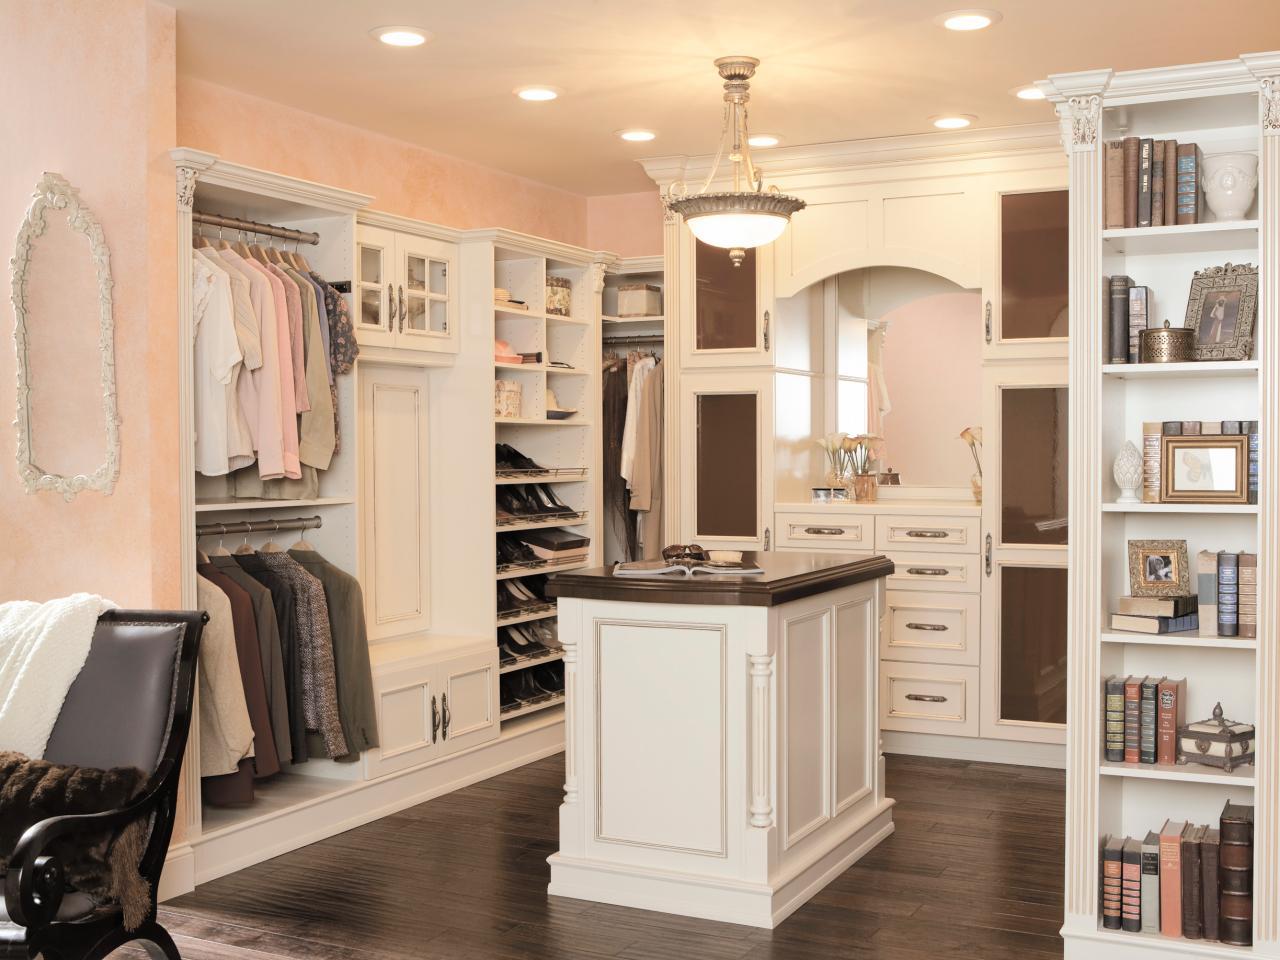 Press-Kits_Wellborn-Cabinets-closet-island